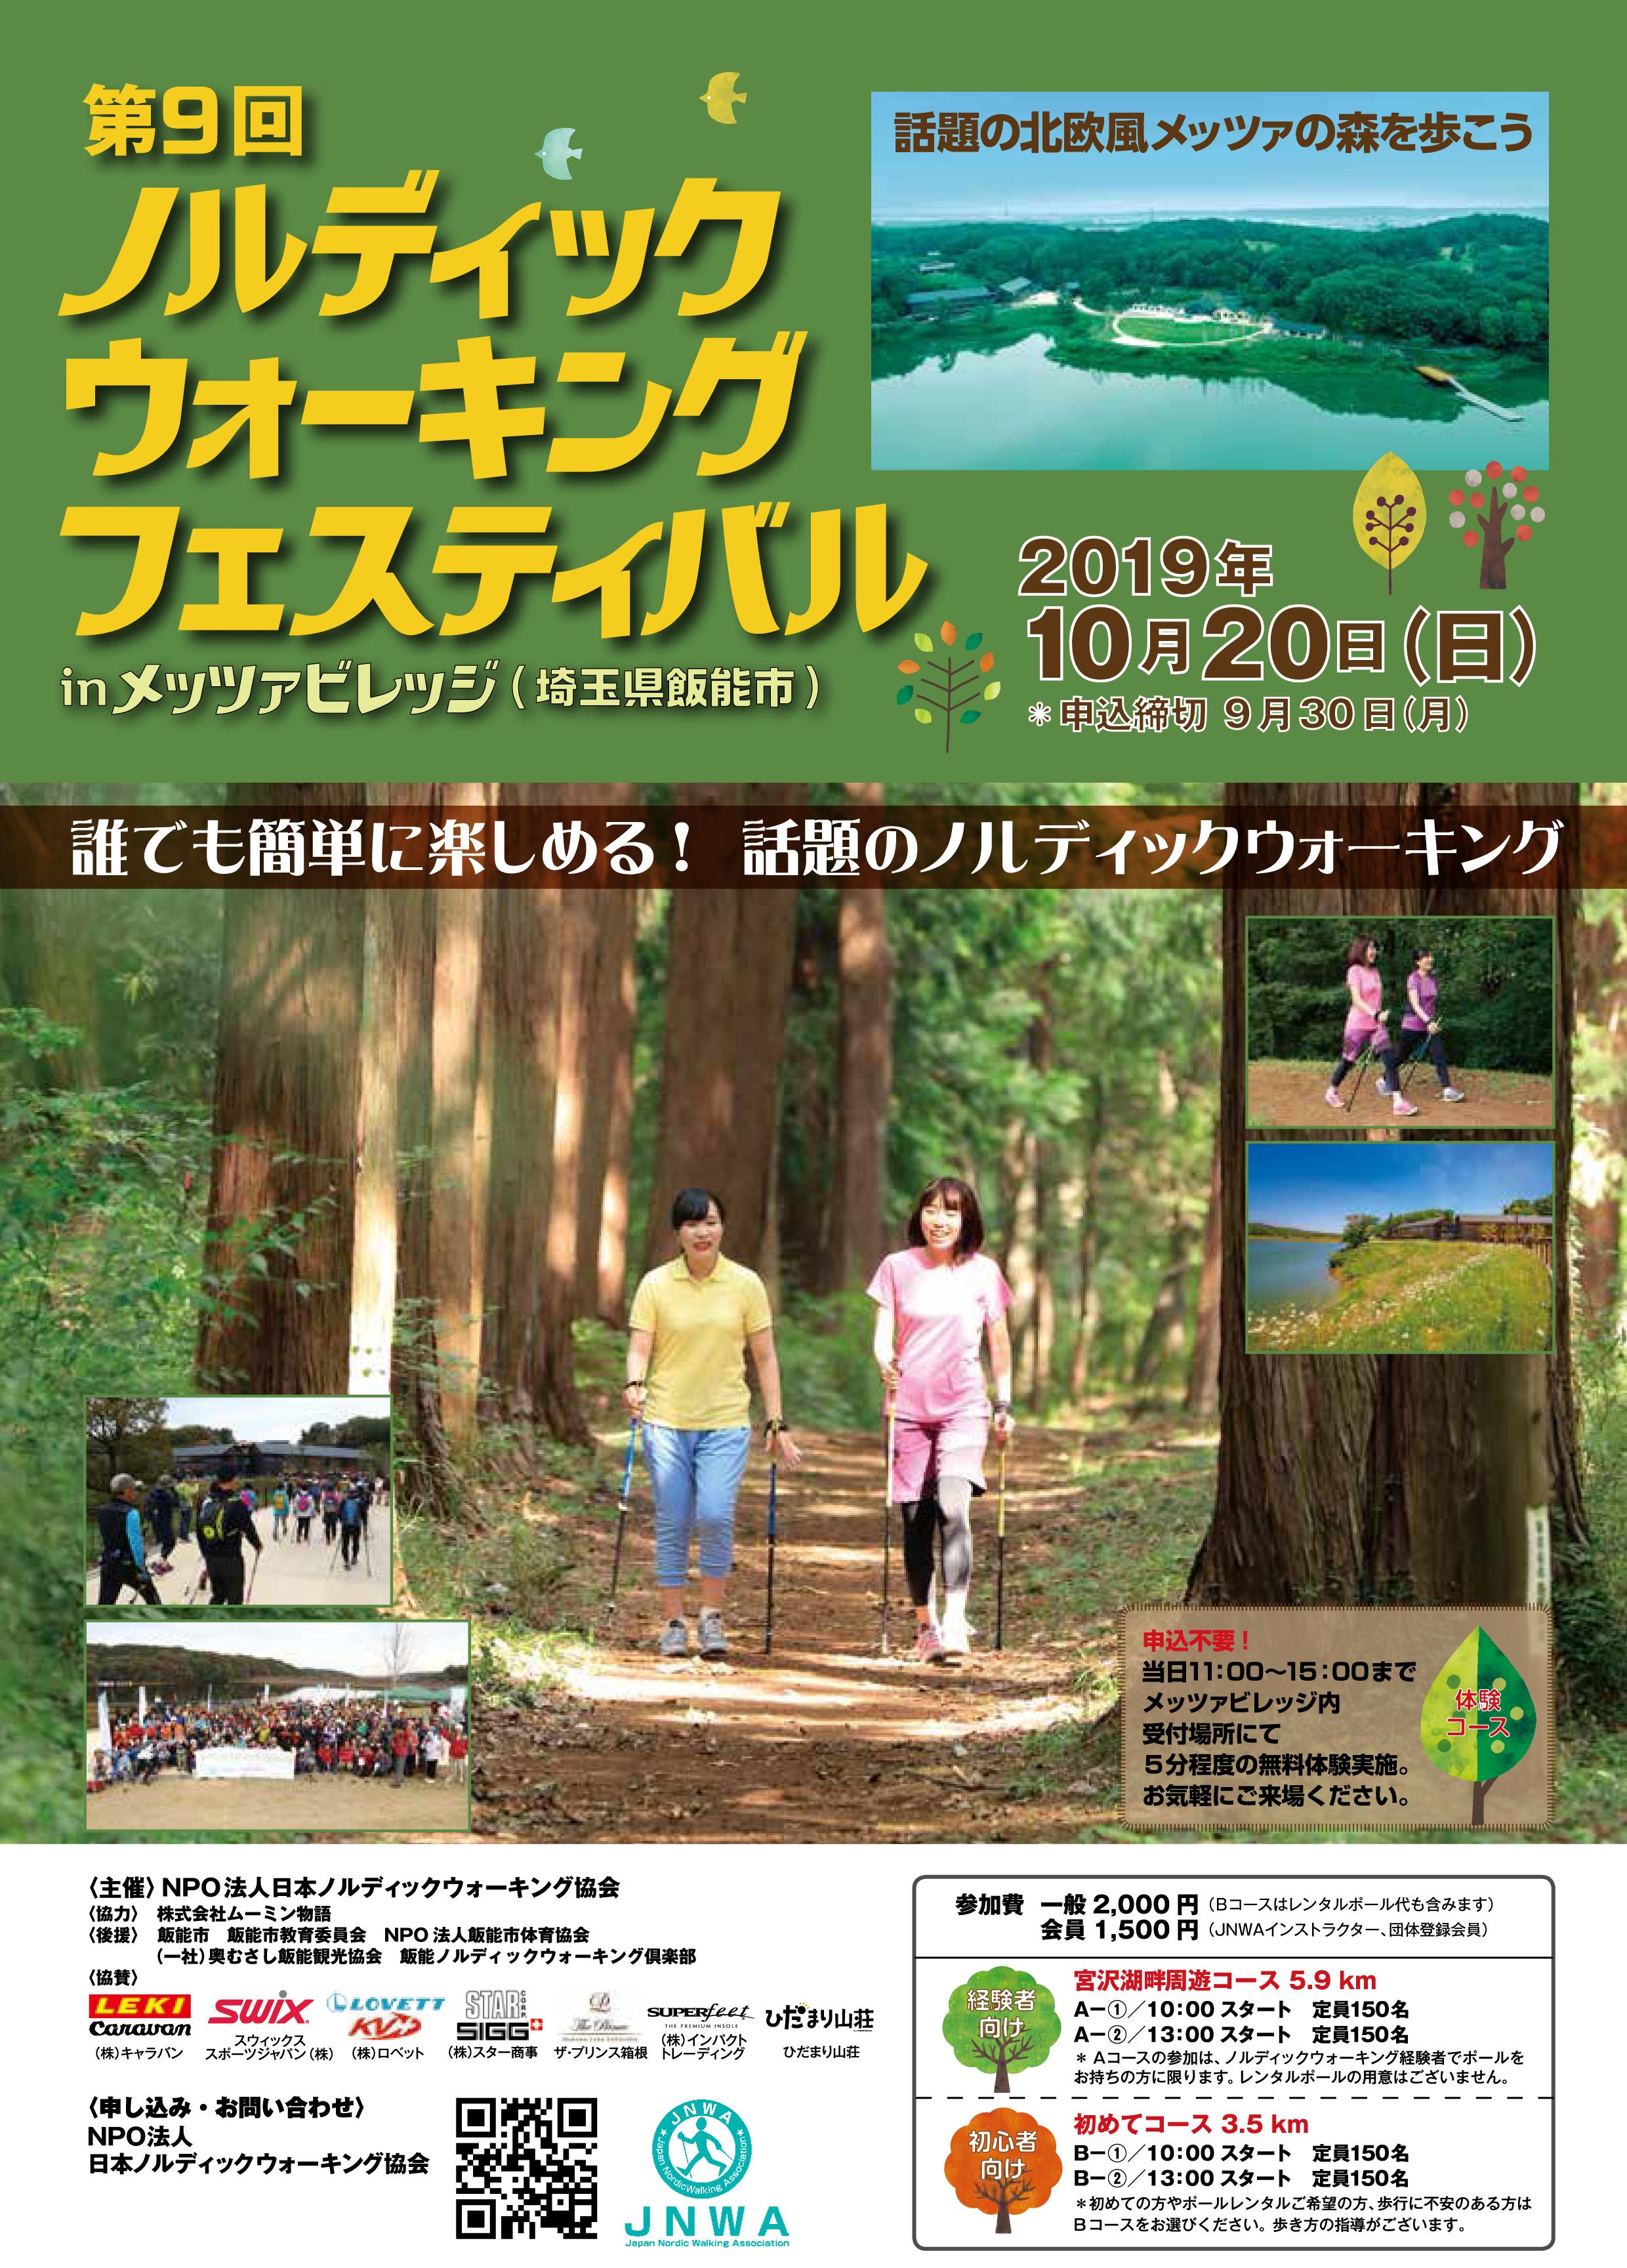 第9回ノルディックウォーキングフェスティバル inメッツアビレッジ @ 【埼玉県】メッツアビレッジ